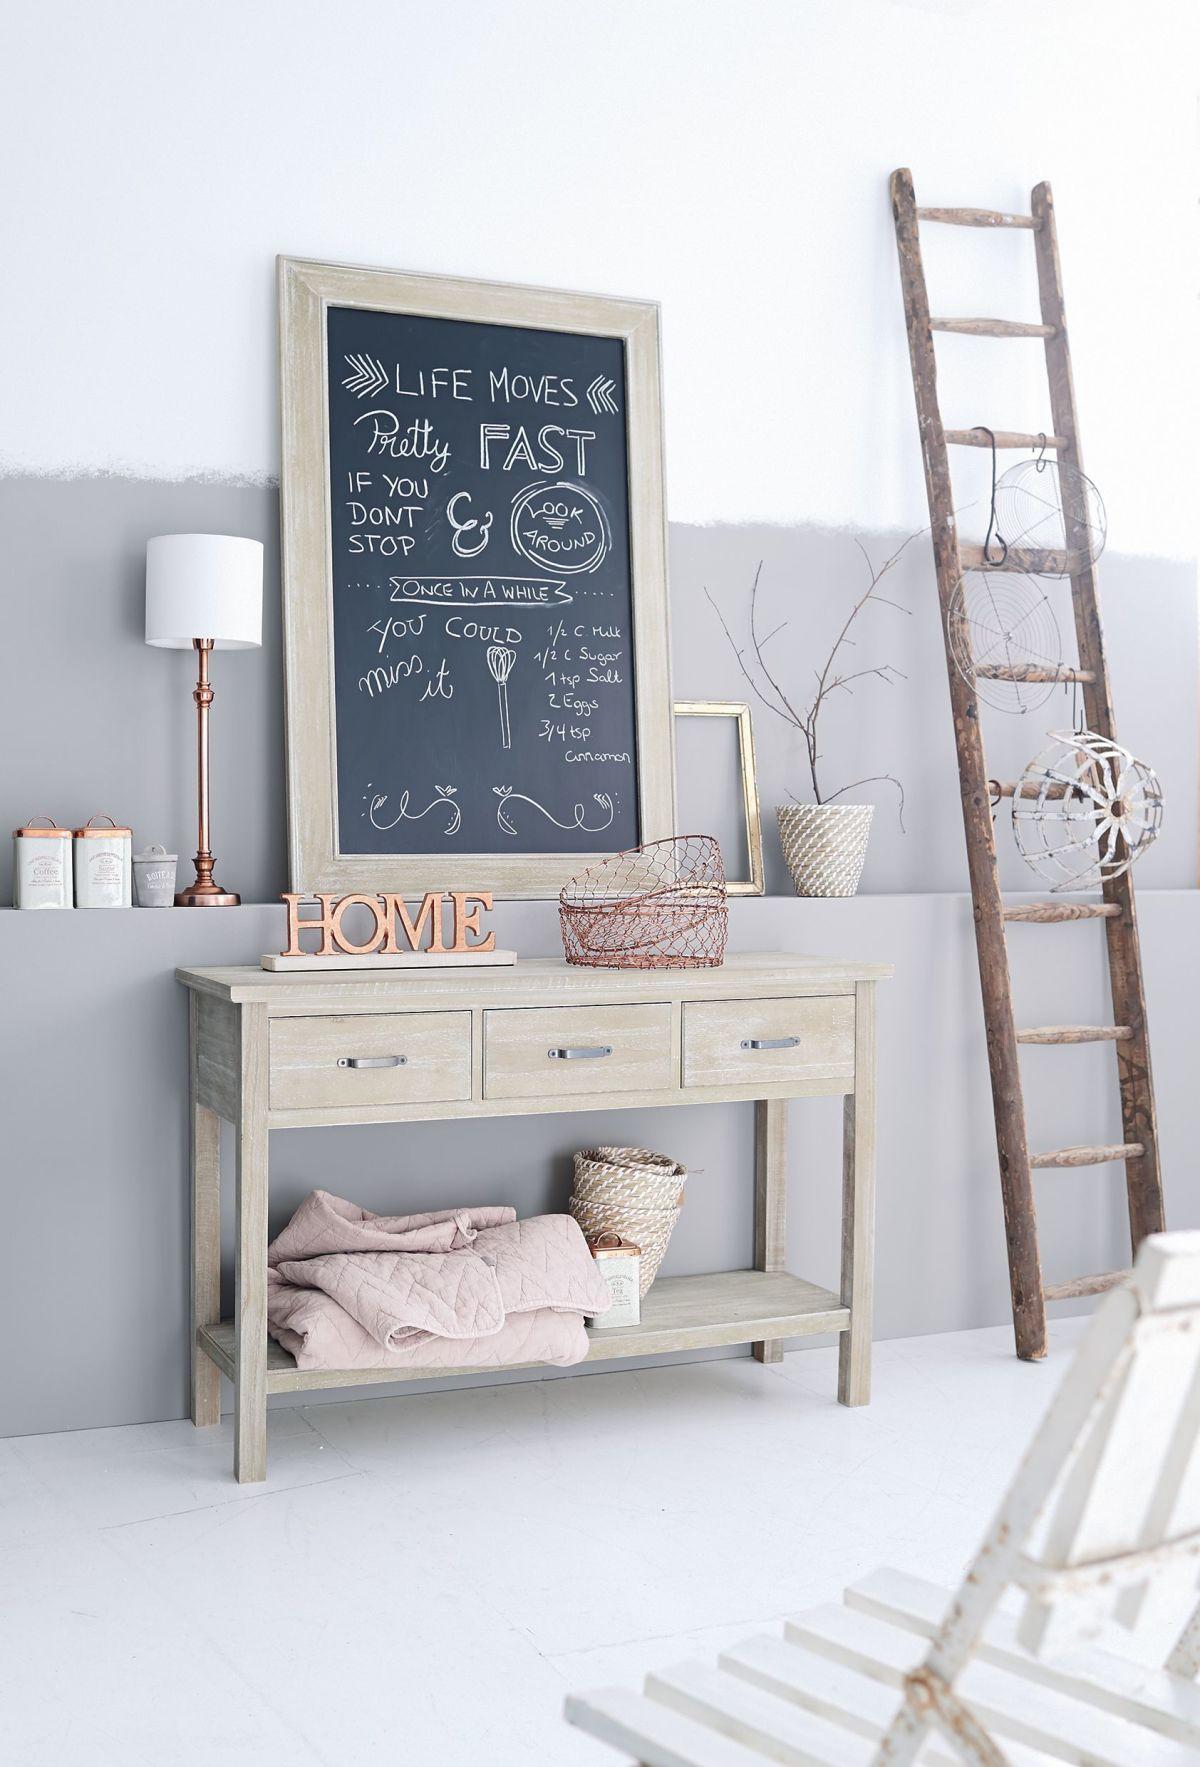 lovely einfache dekoration und mobel wohntrend kupfer #1: briankeith.co - Design